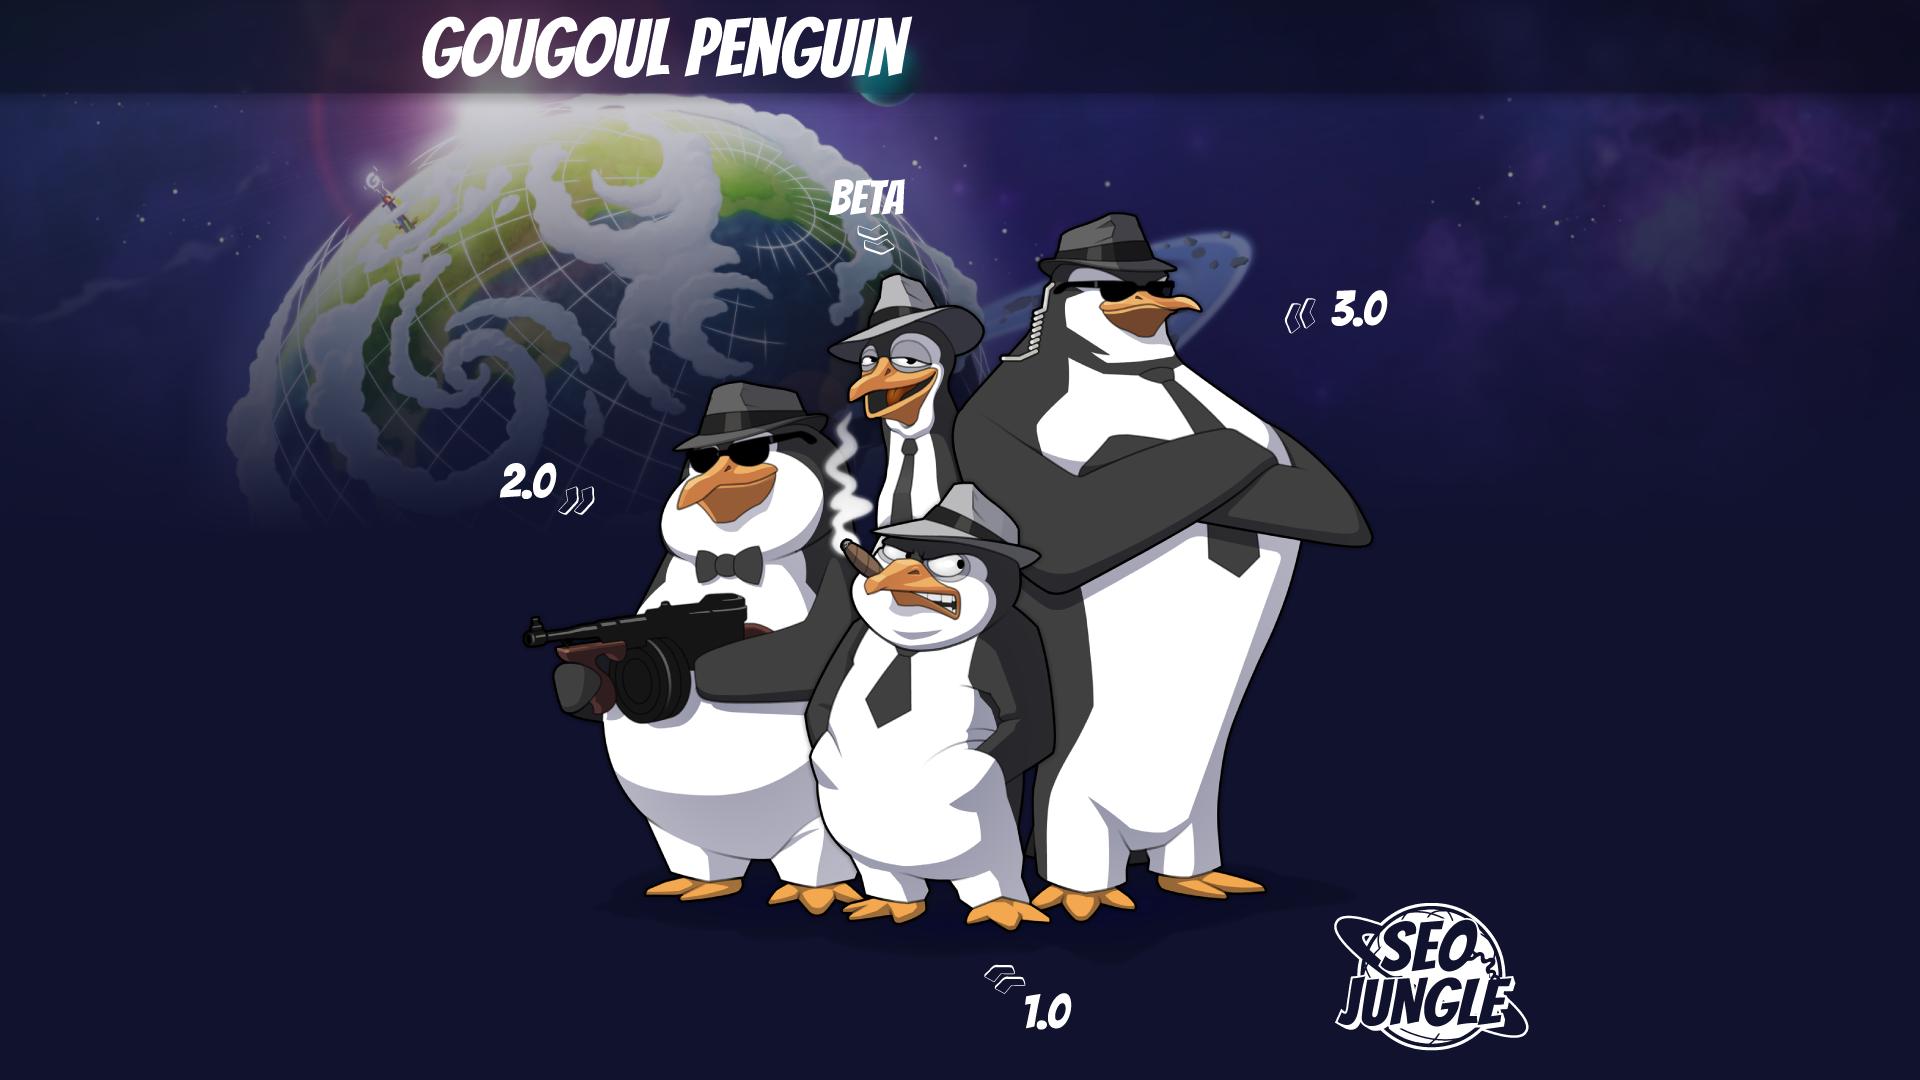 SEO - Gougoul Penguin - personnages BD